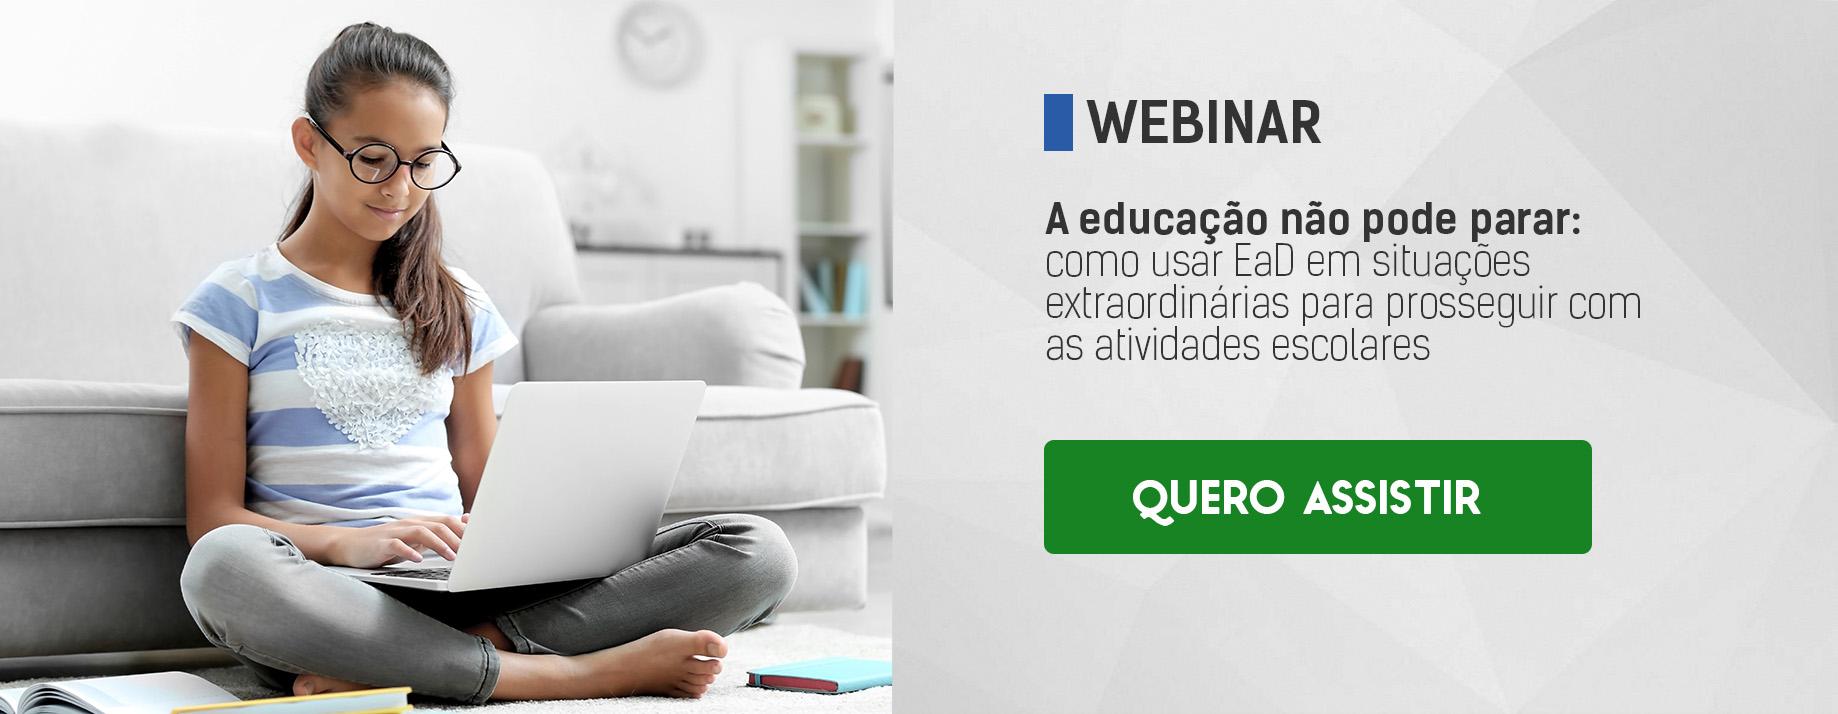 CTA Webinar - A educação não pode parar